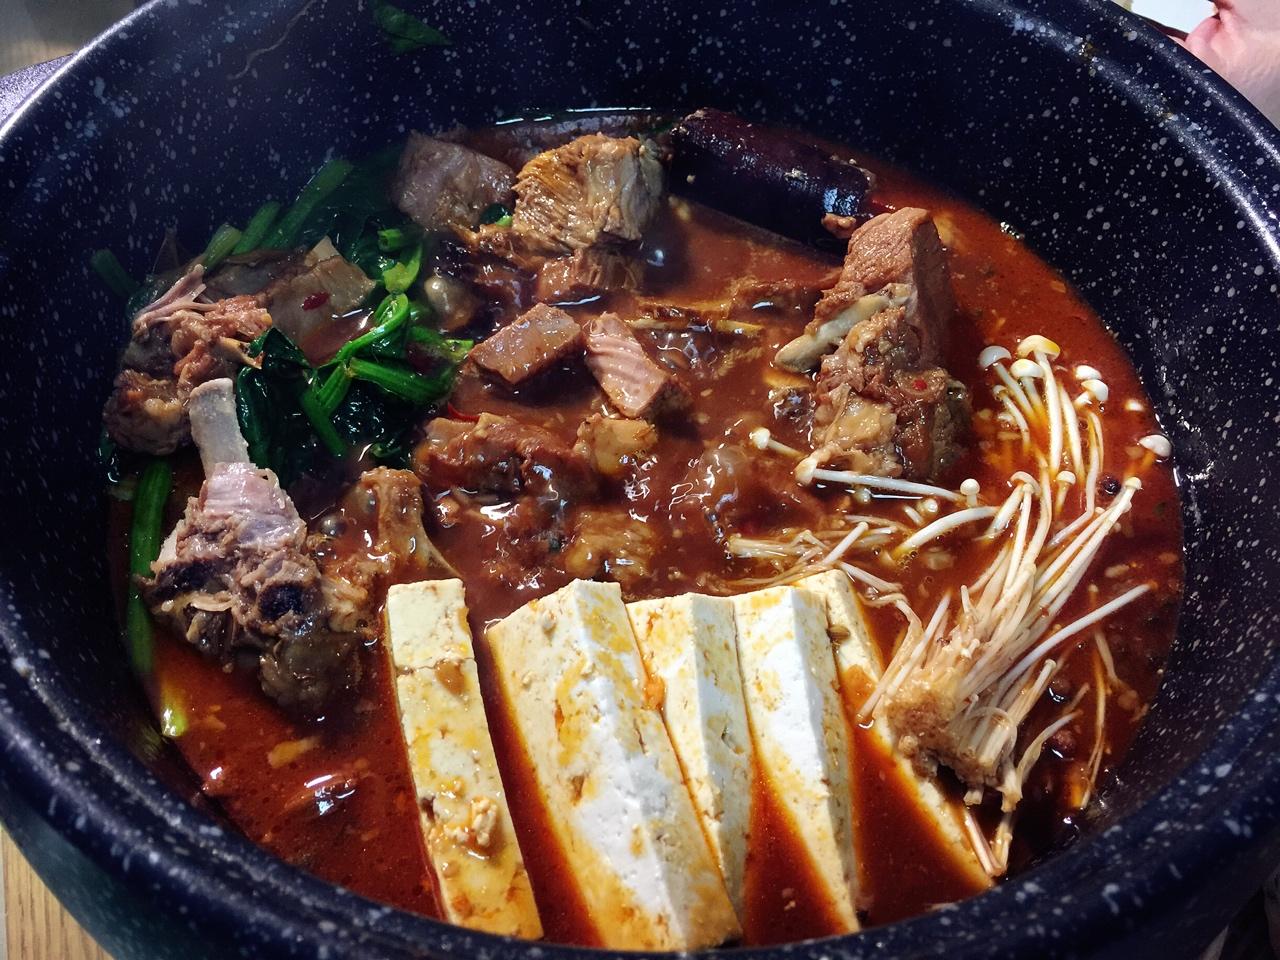 堂妈教你做红汤羊蝎子火锅的做法 步骤31